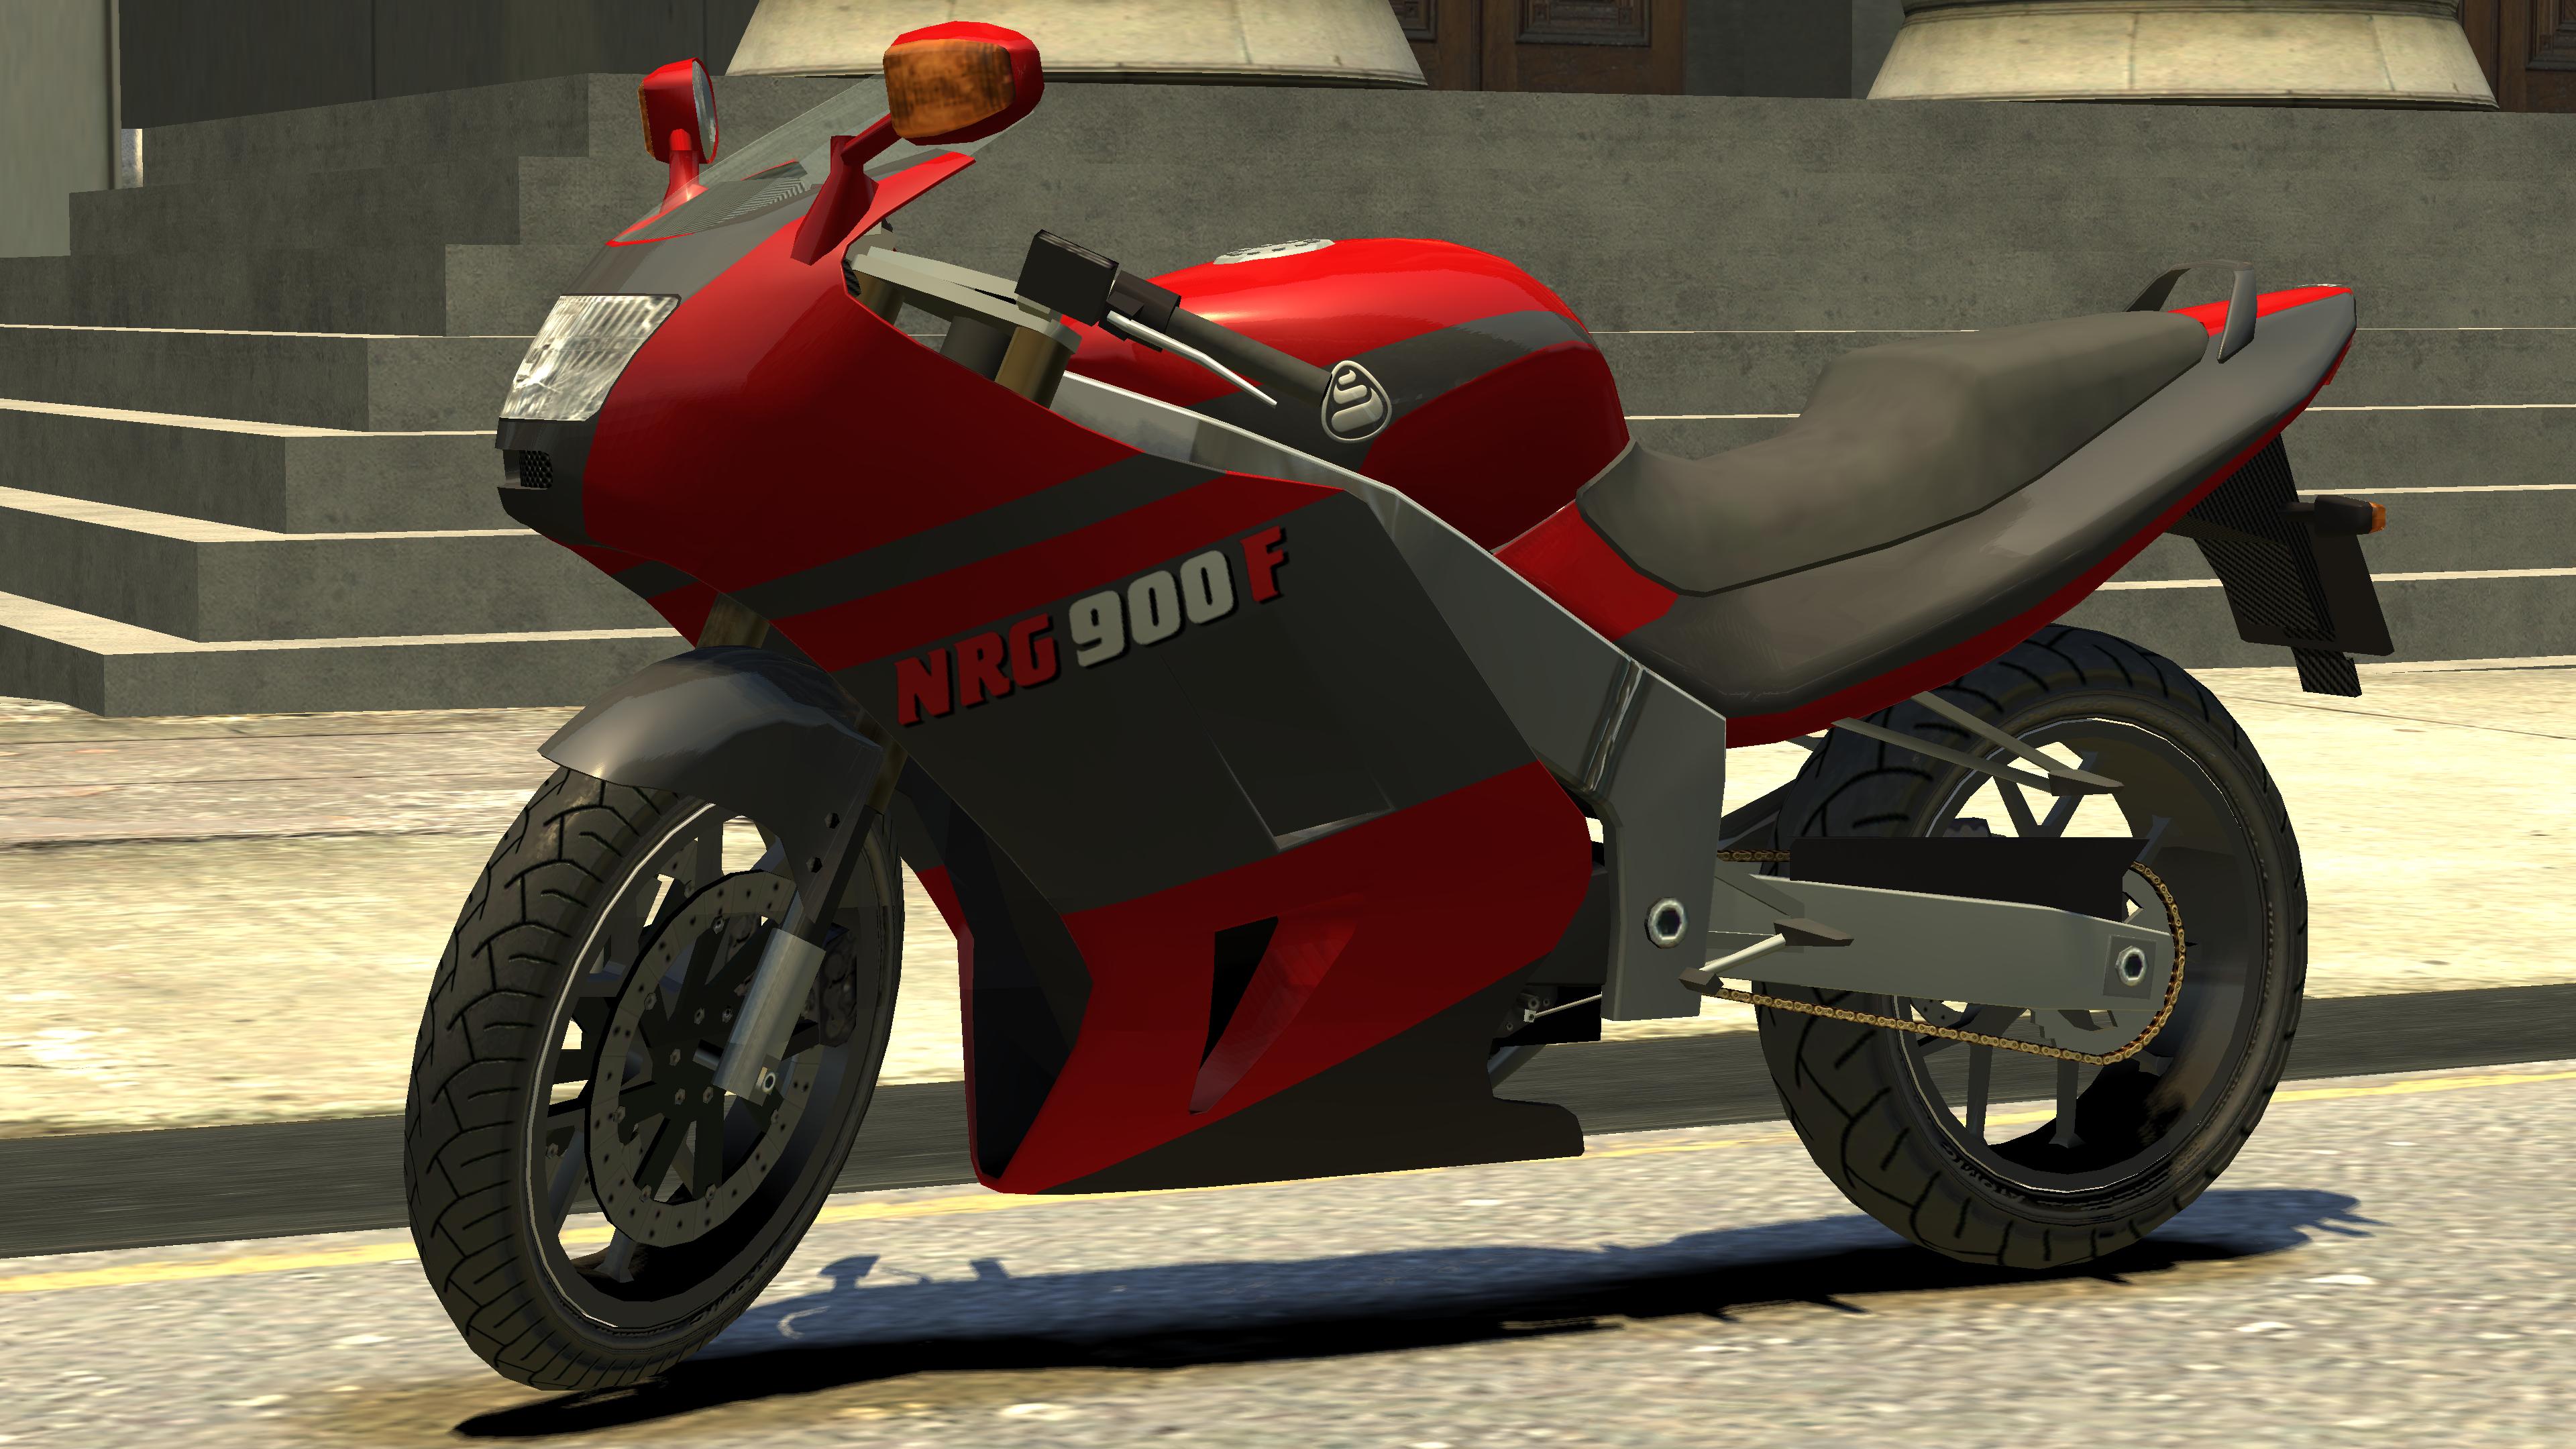 NRG 900